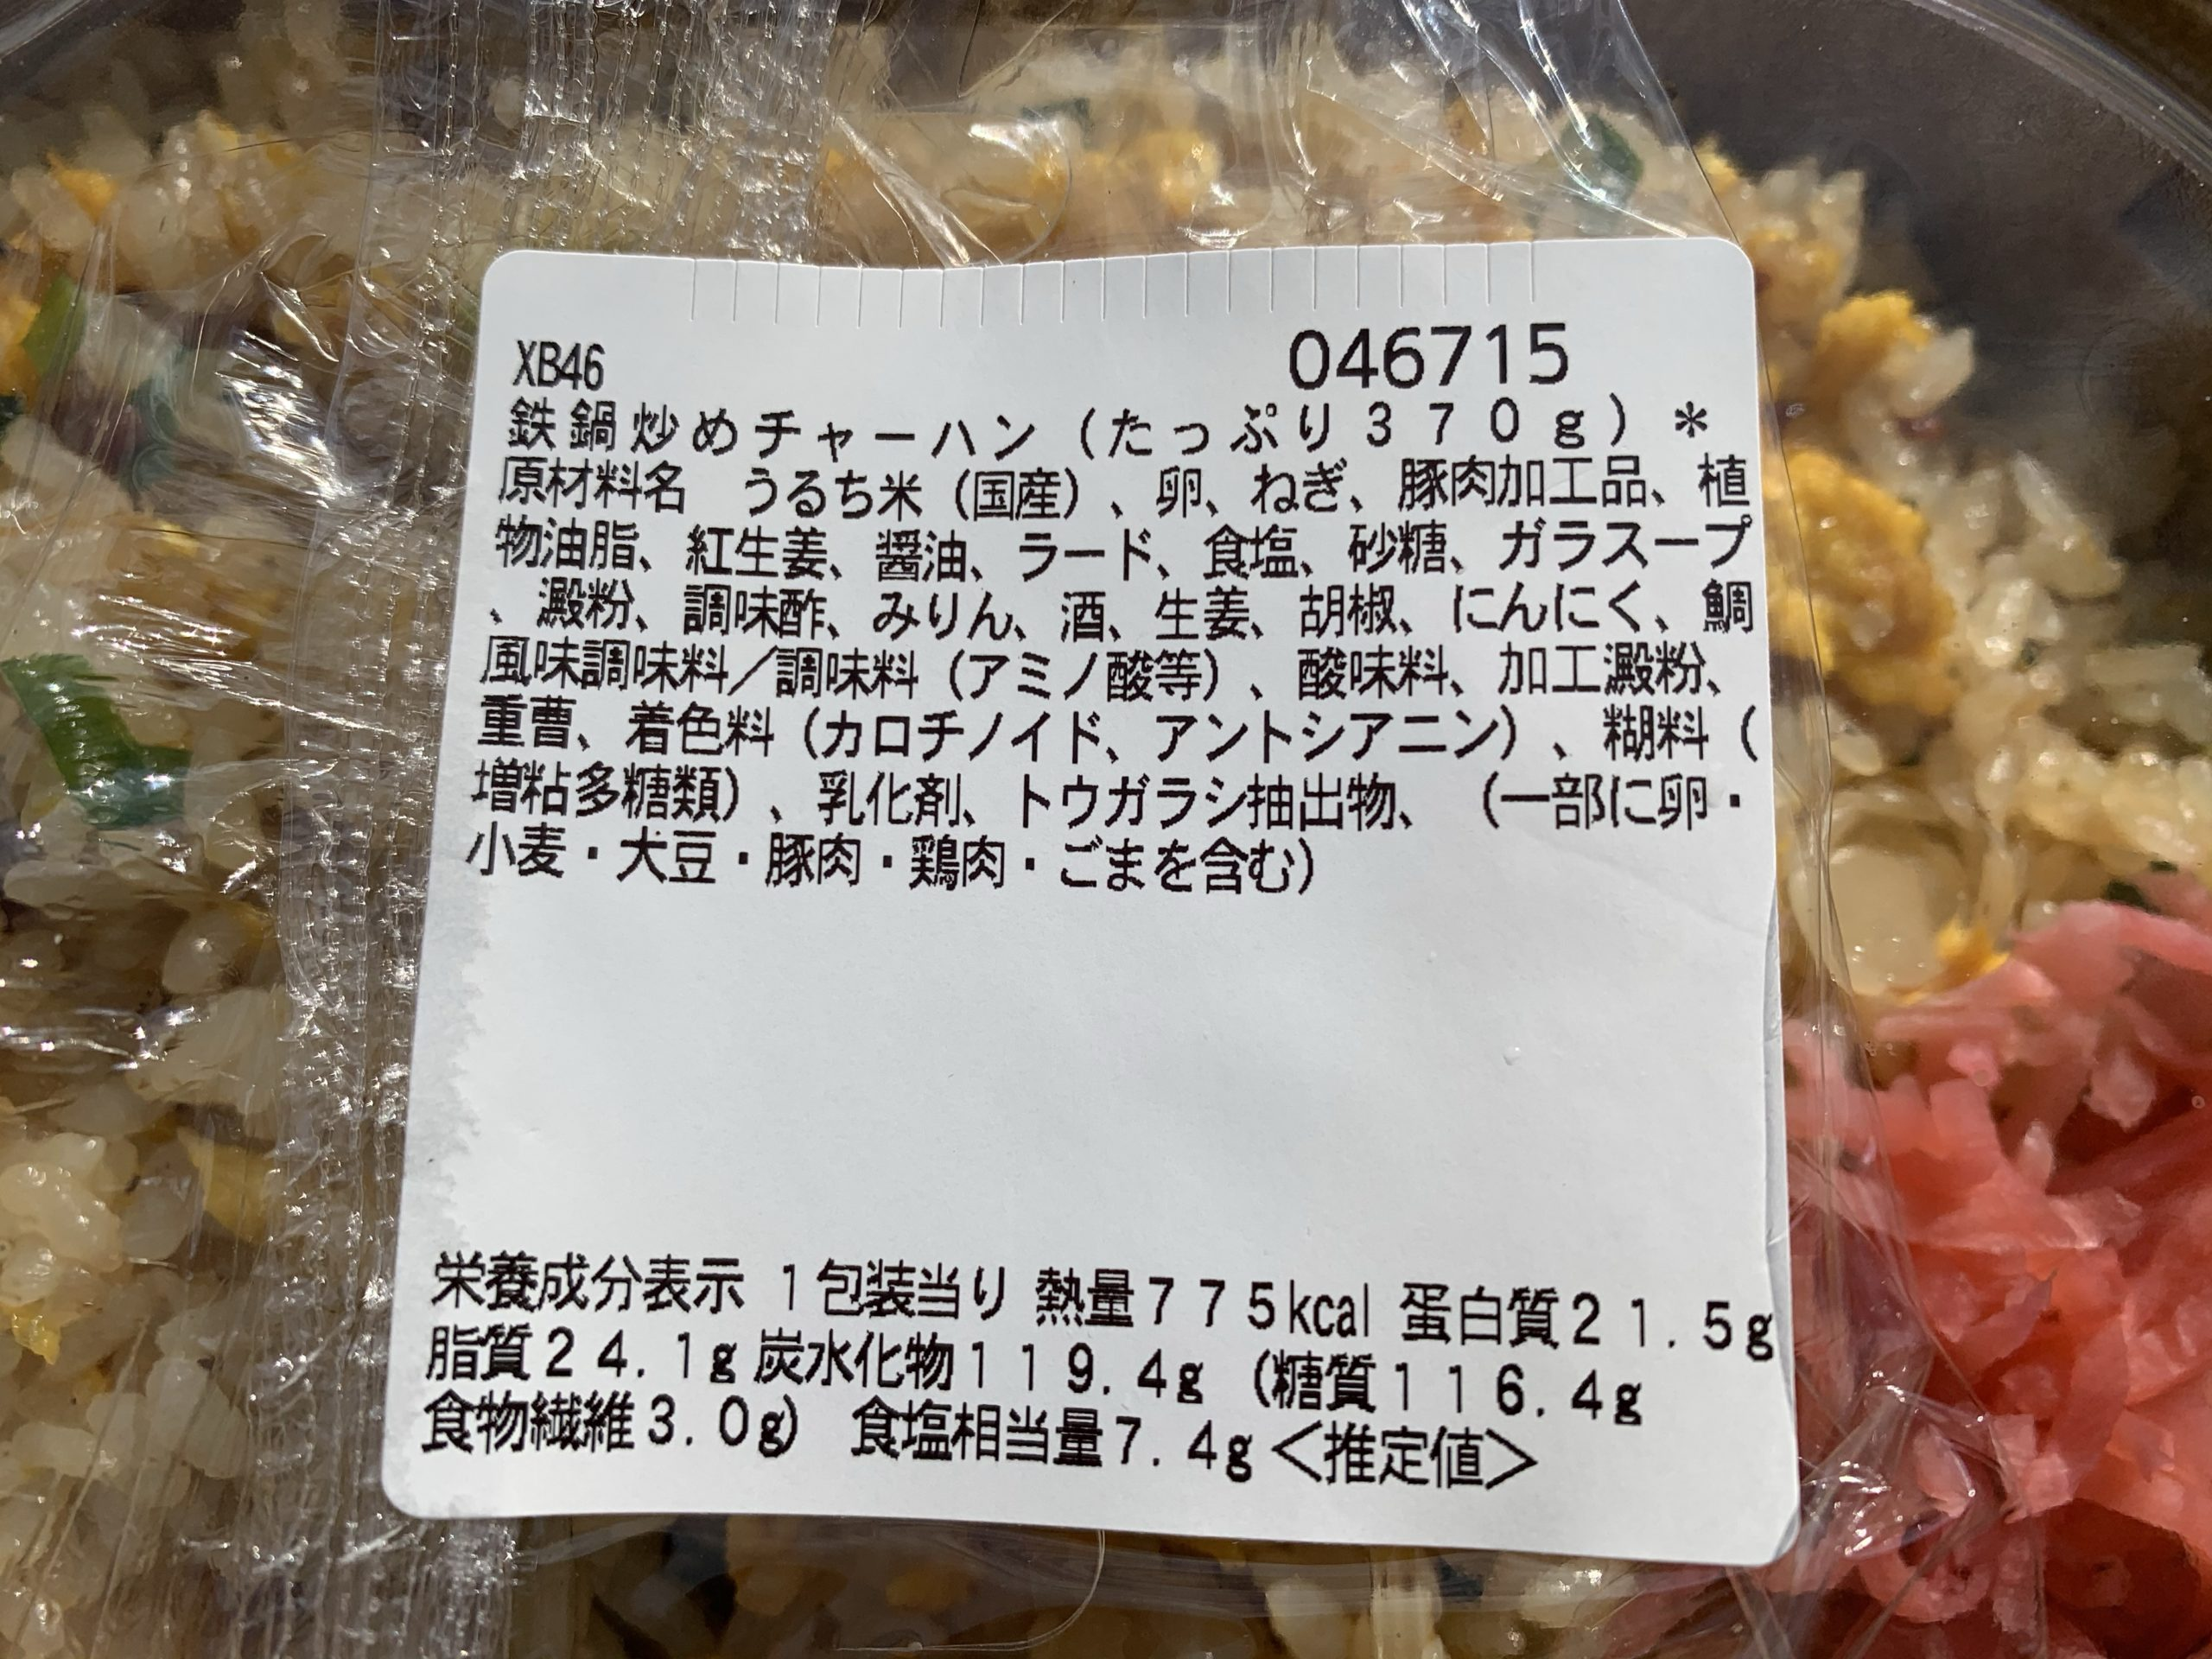 鉄鍋炒めチャーハンの原材料と栄養成分